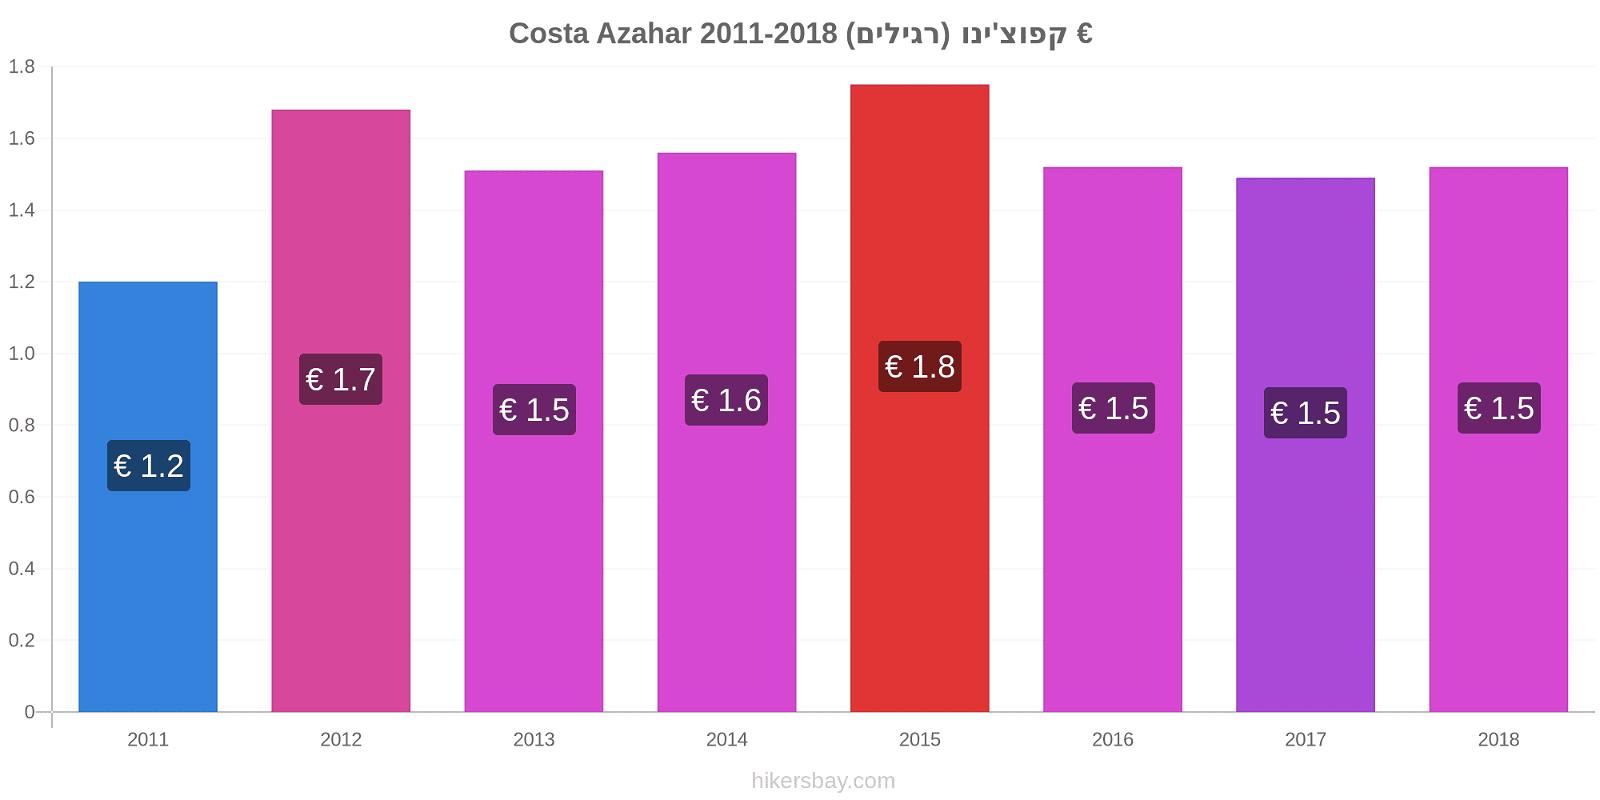 Costa Azahar שינויי מחירים קפוצ'ינו (רגילים) hikersbay.com